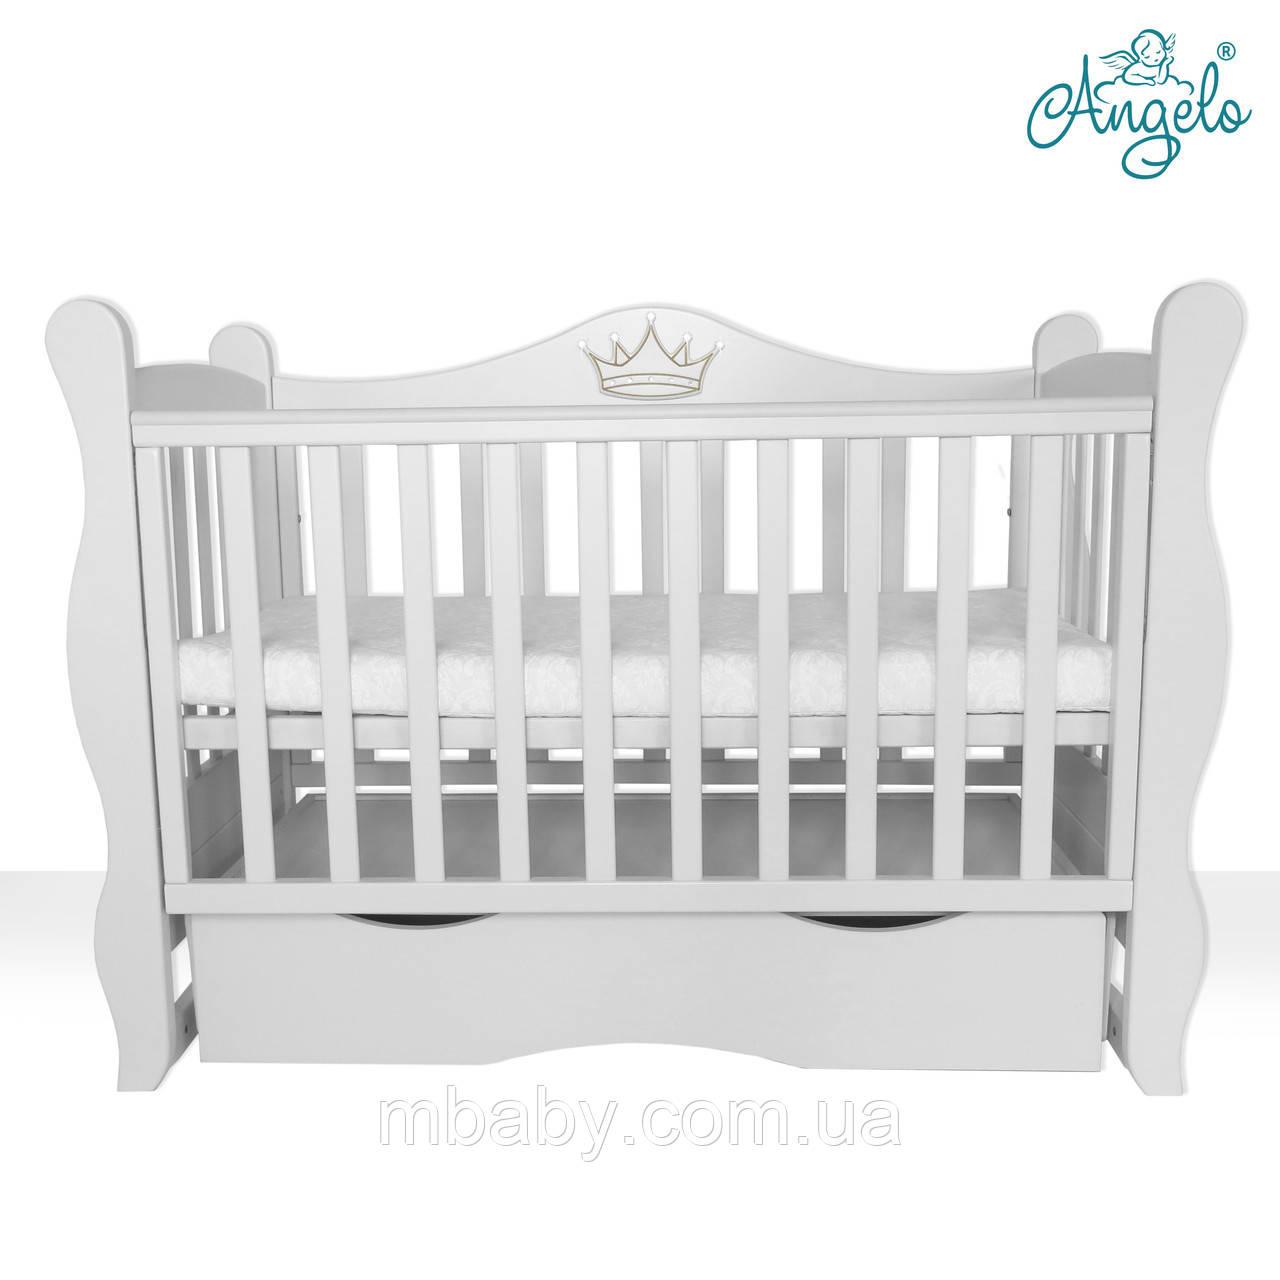 Детская кроватка L 10 корона  (Белый цвет)